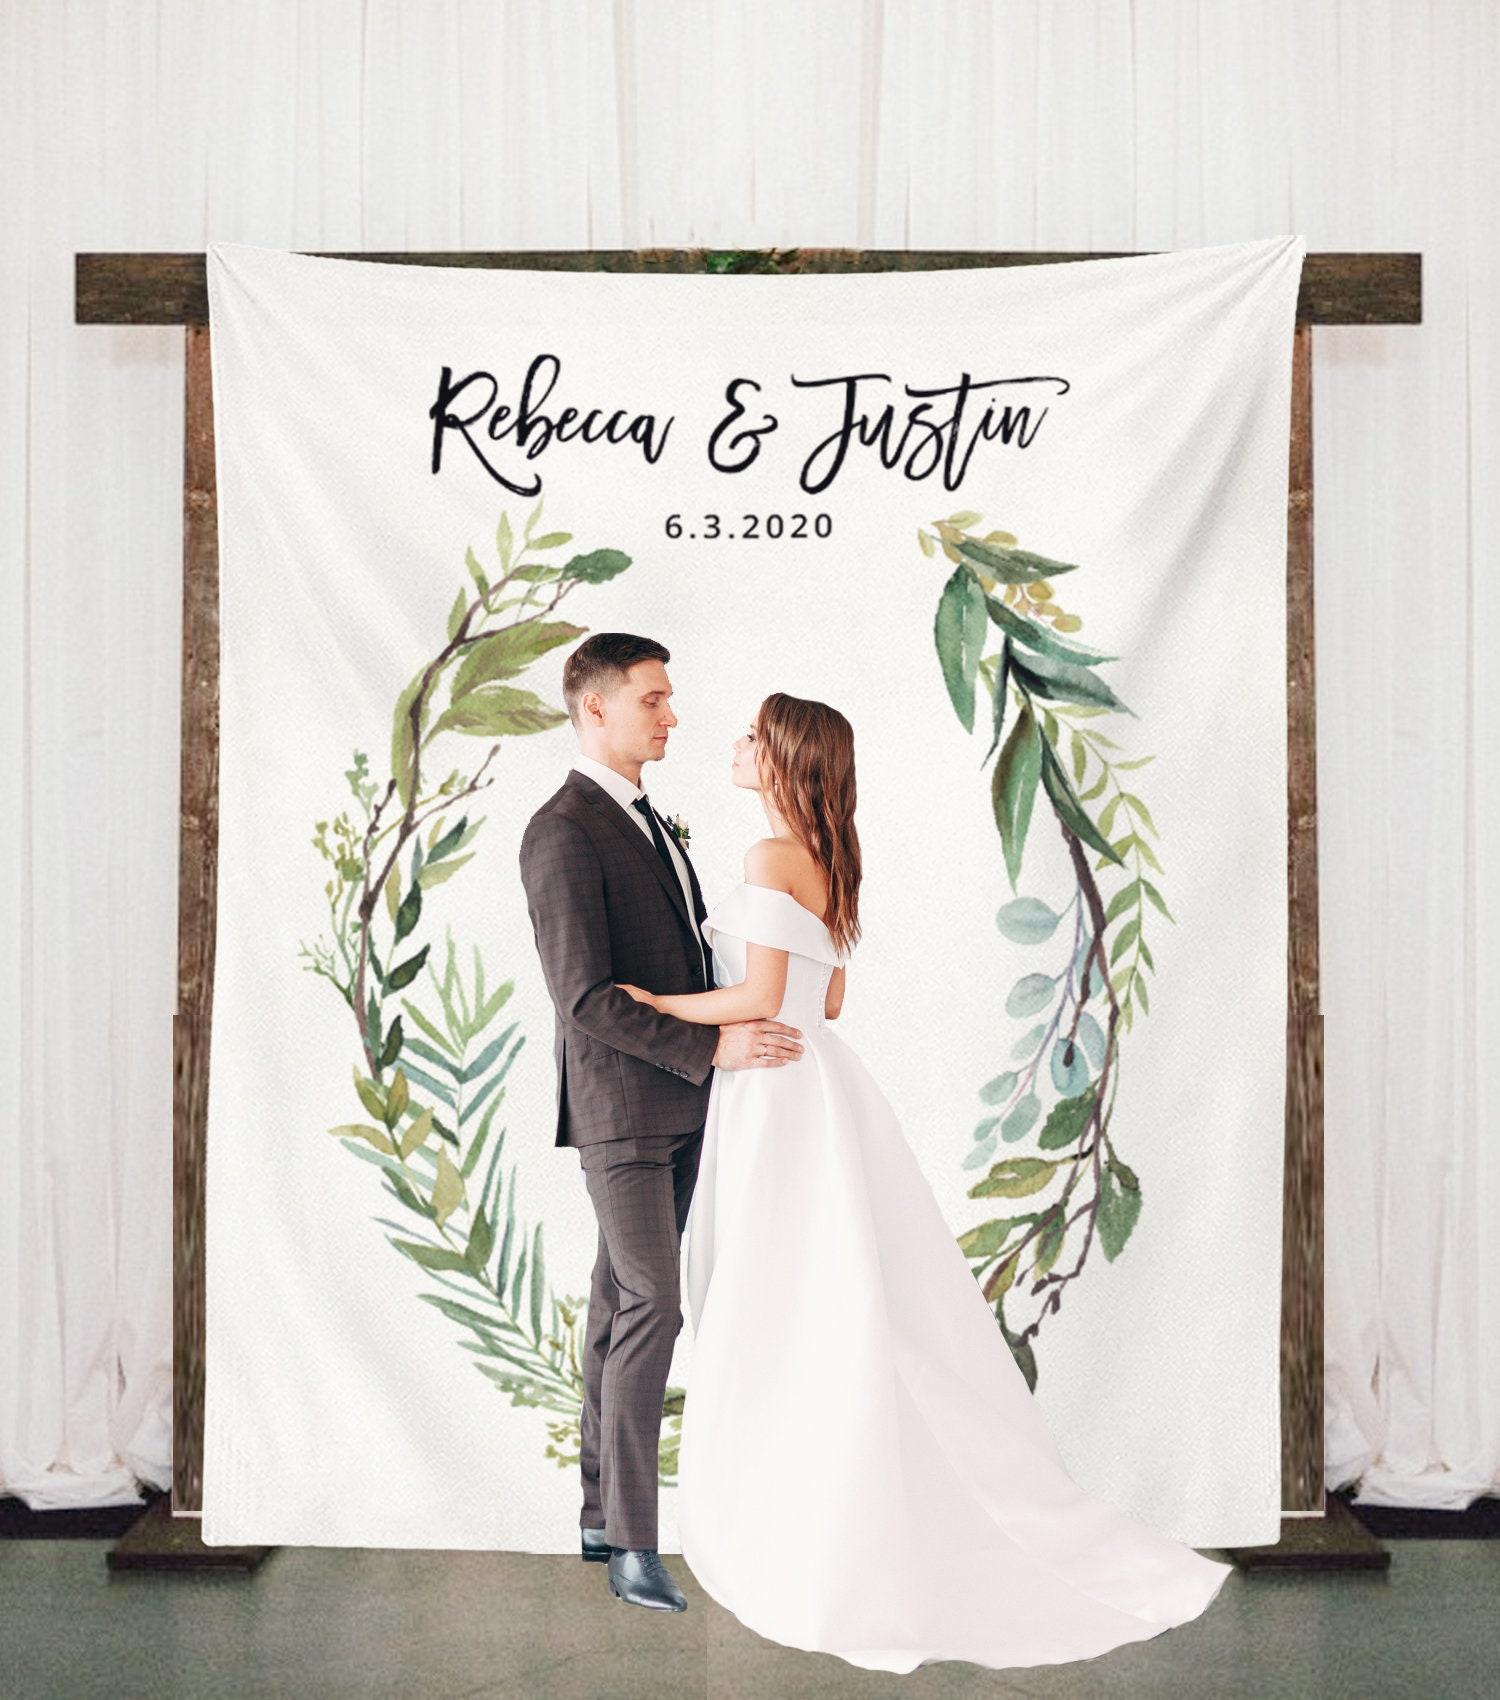 Wedding Arch Decorations Fabric: Greenery Wedding Backdrop Wedding Arch Decor Rustic